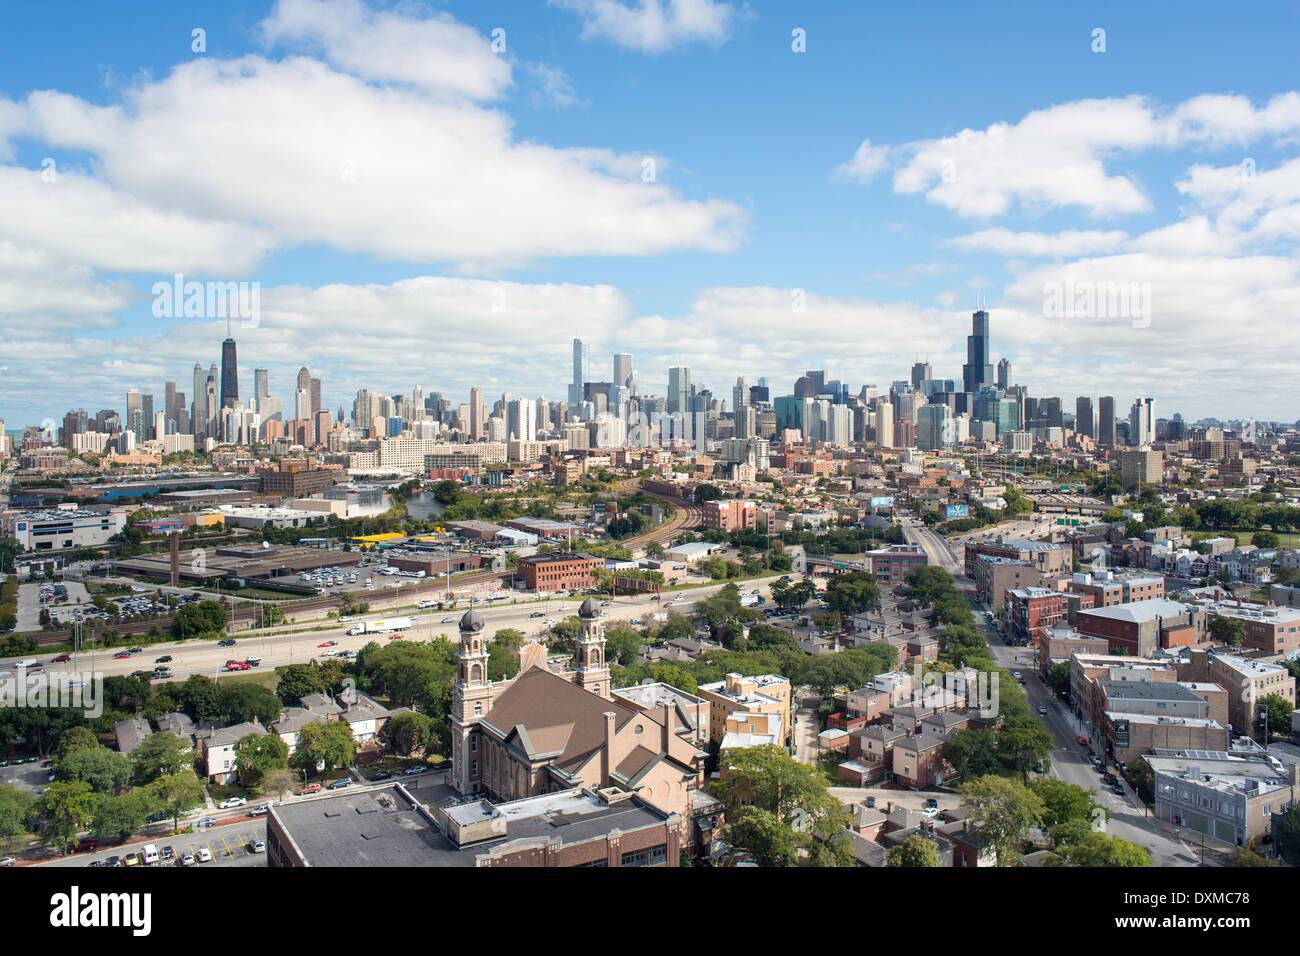 Chicago, Illinois, United States of America, city skyline - Stock Image